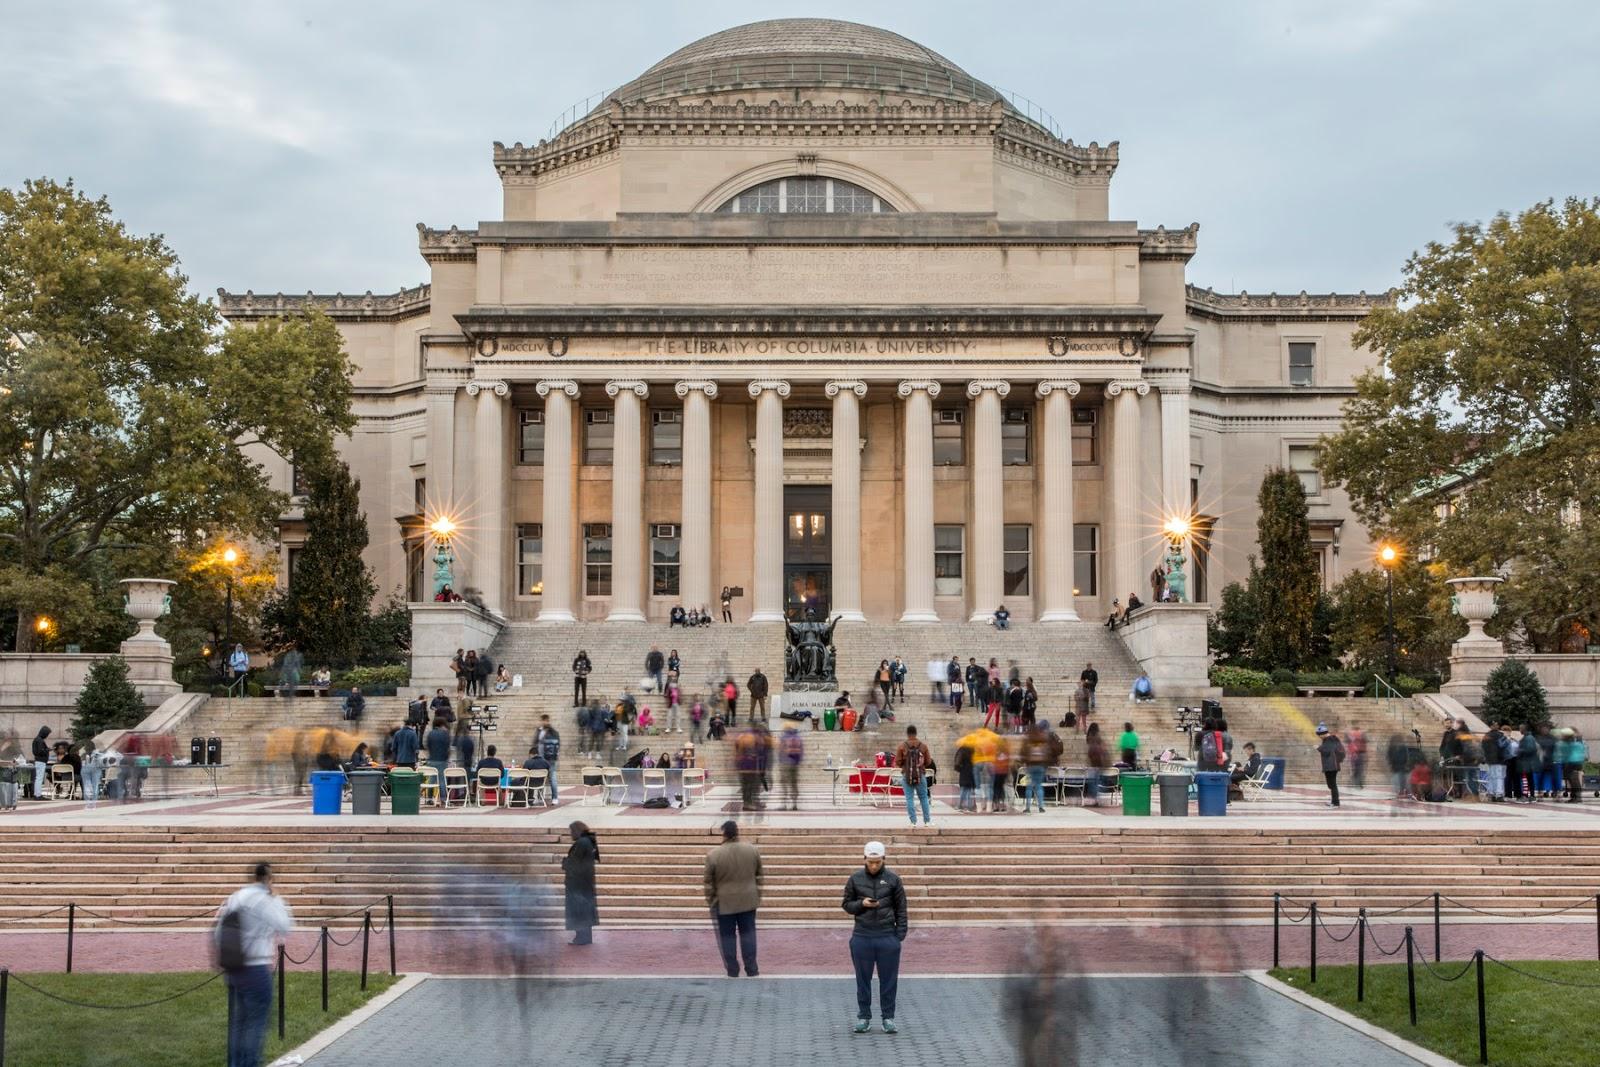 جامعة كولومبيا: معلومات عنها وتاريخها ومكانها